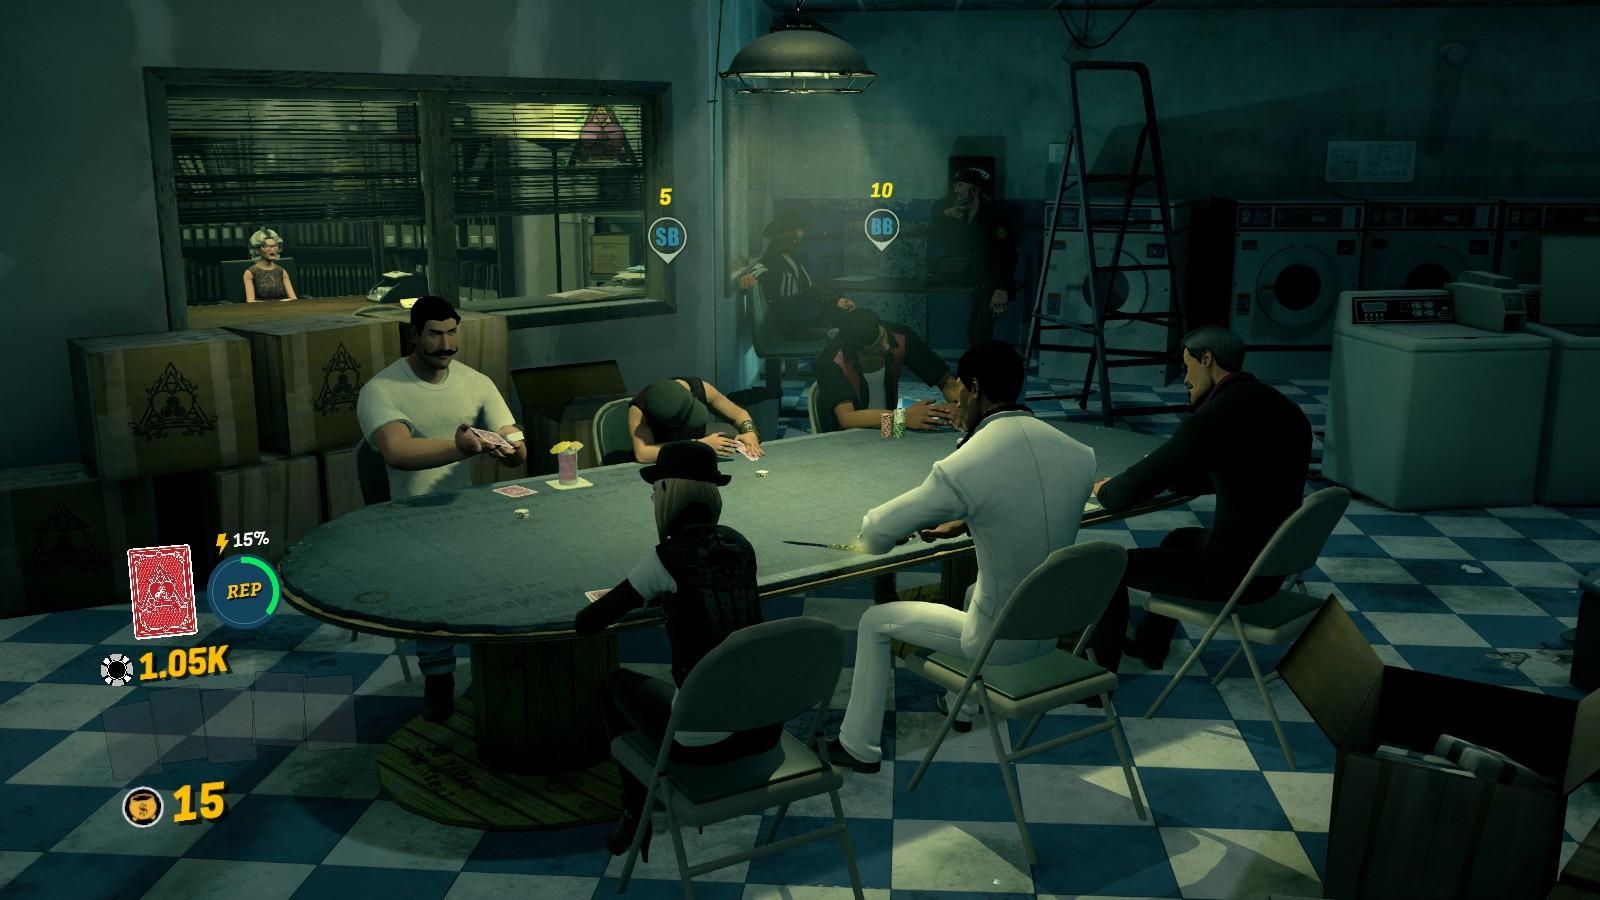 Objet De Table Prominence Poker